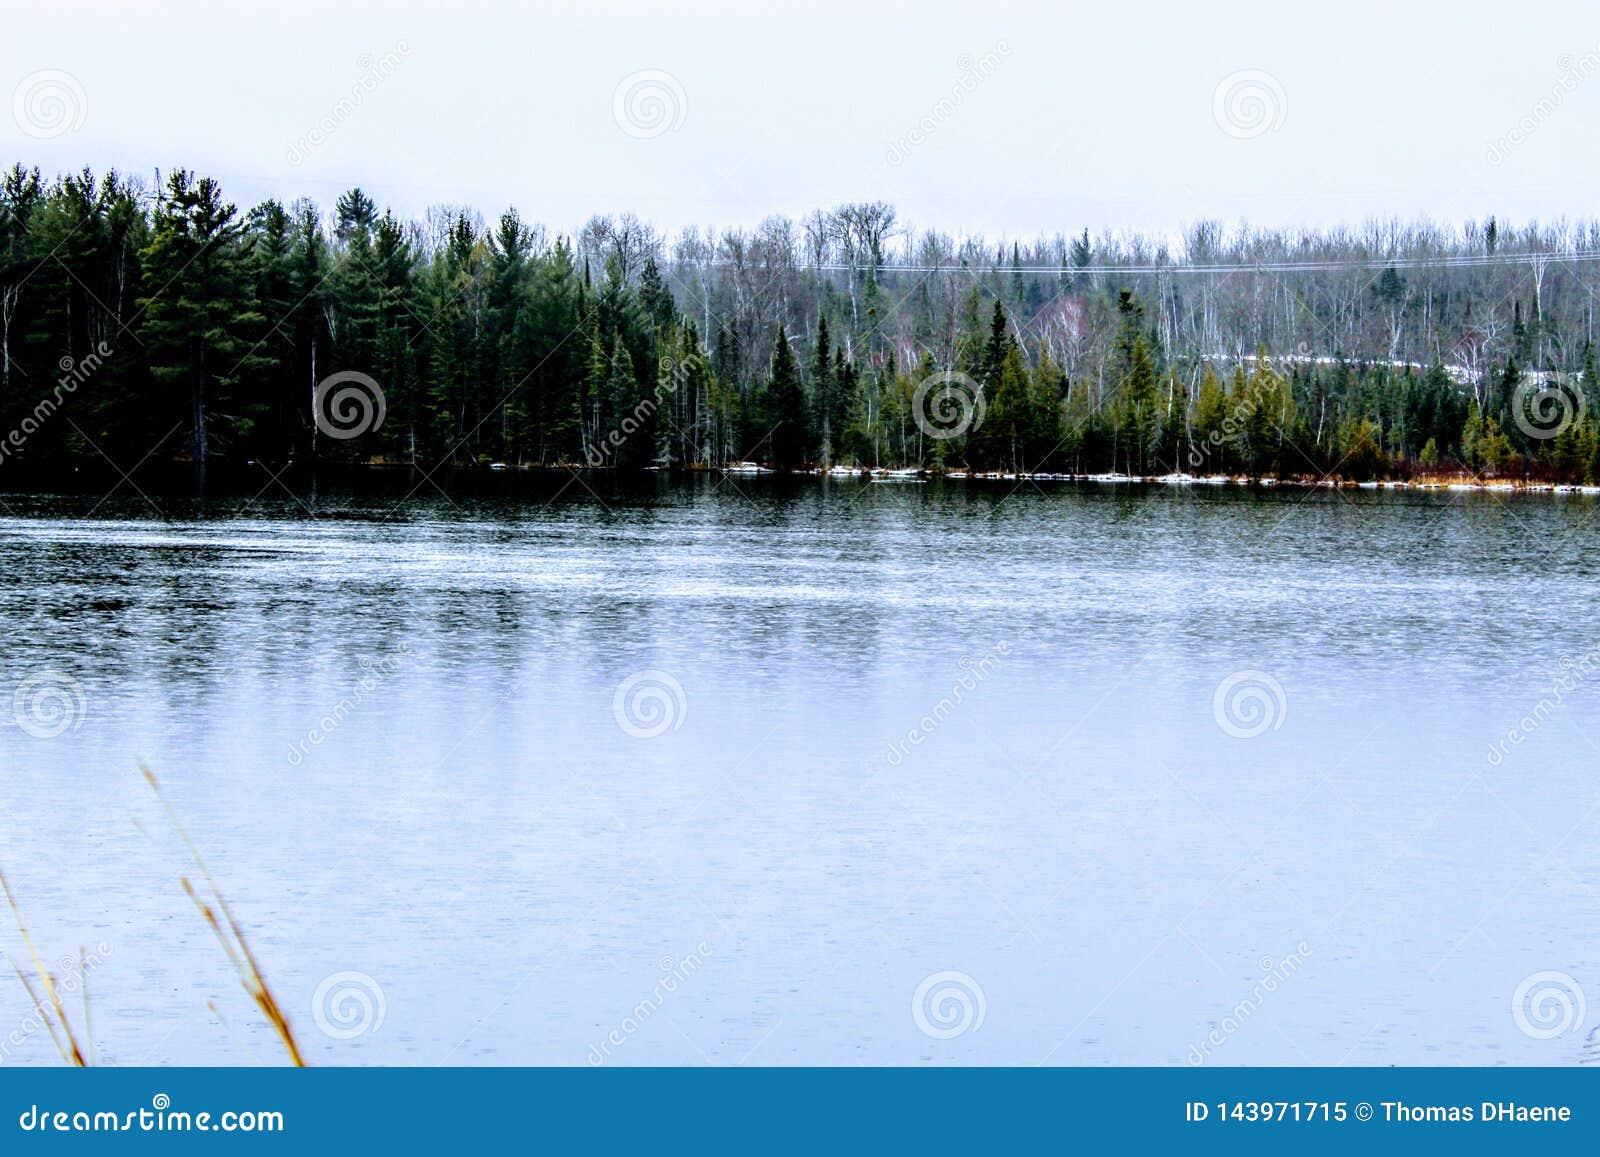 Mio Pond